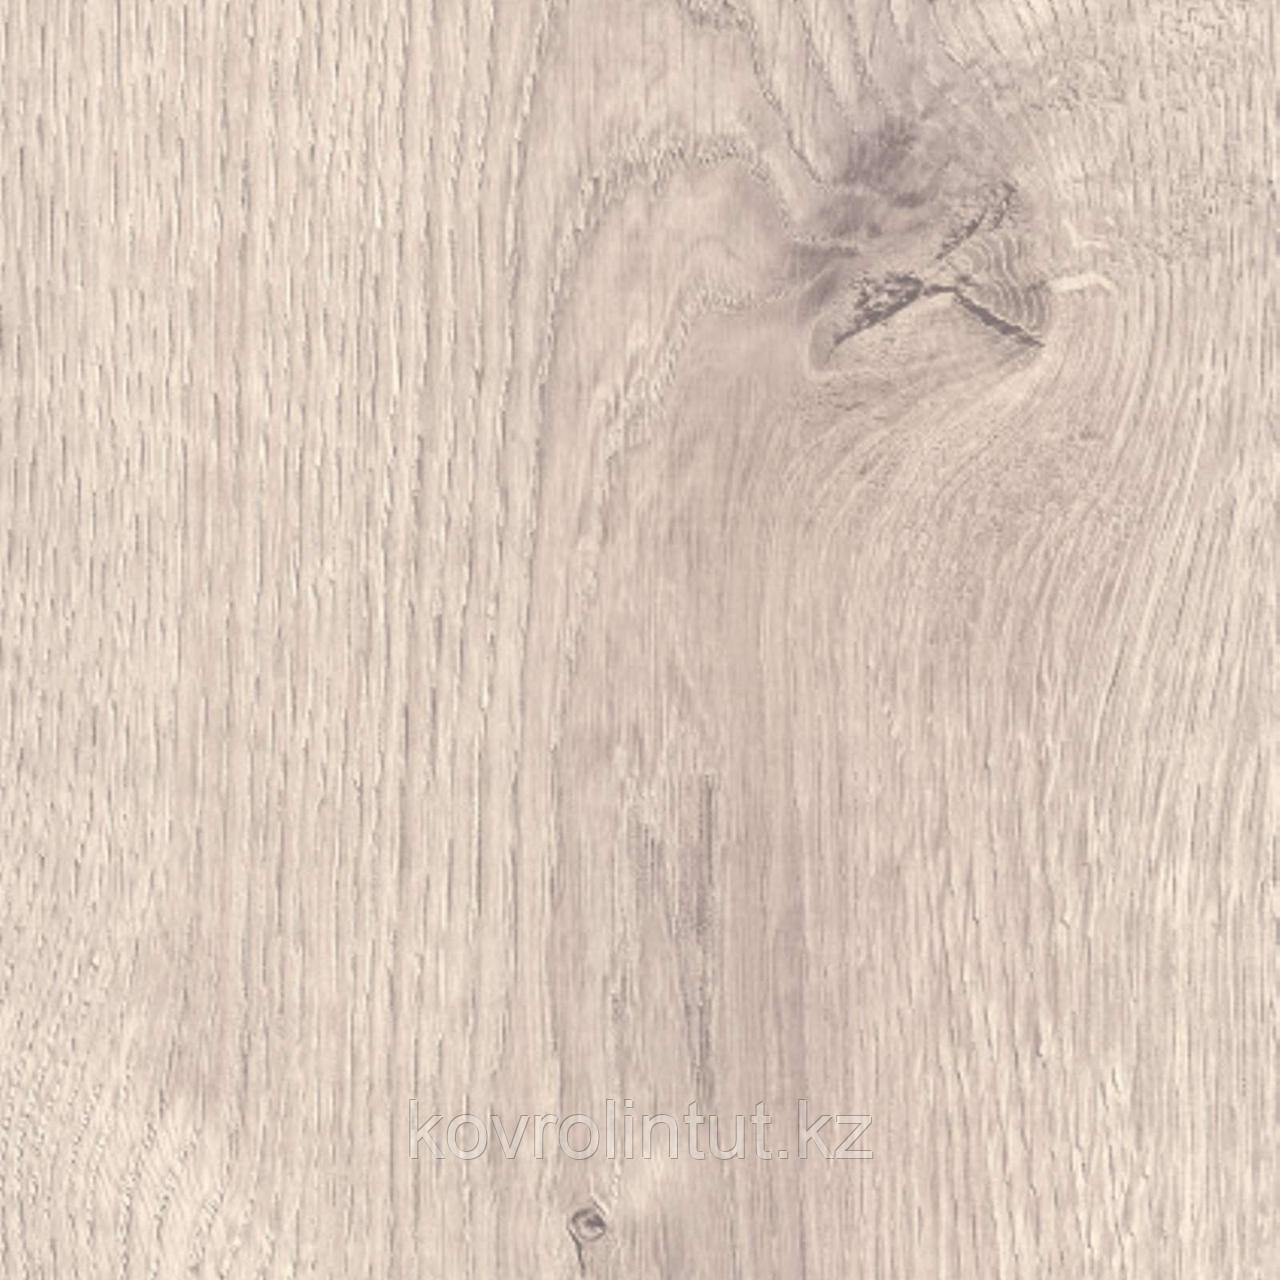 Плитка ПВХ замковая IVC Primero Sebastian Oak 22139